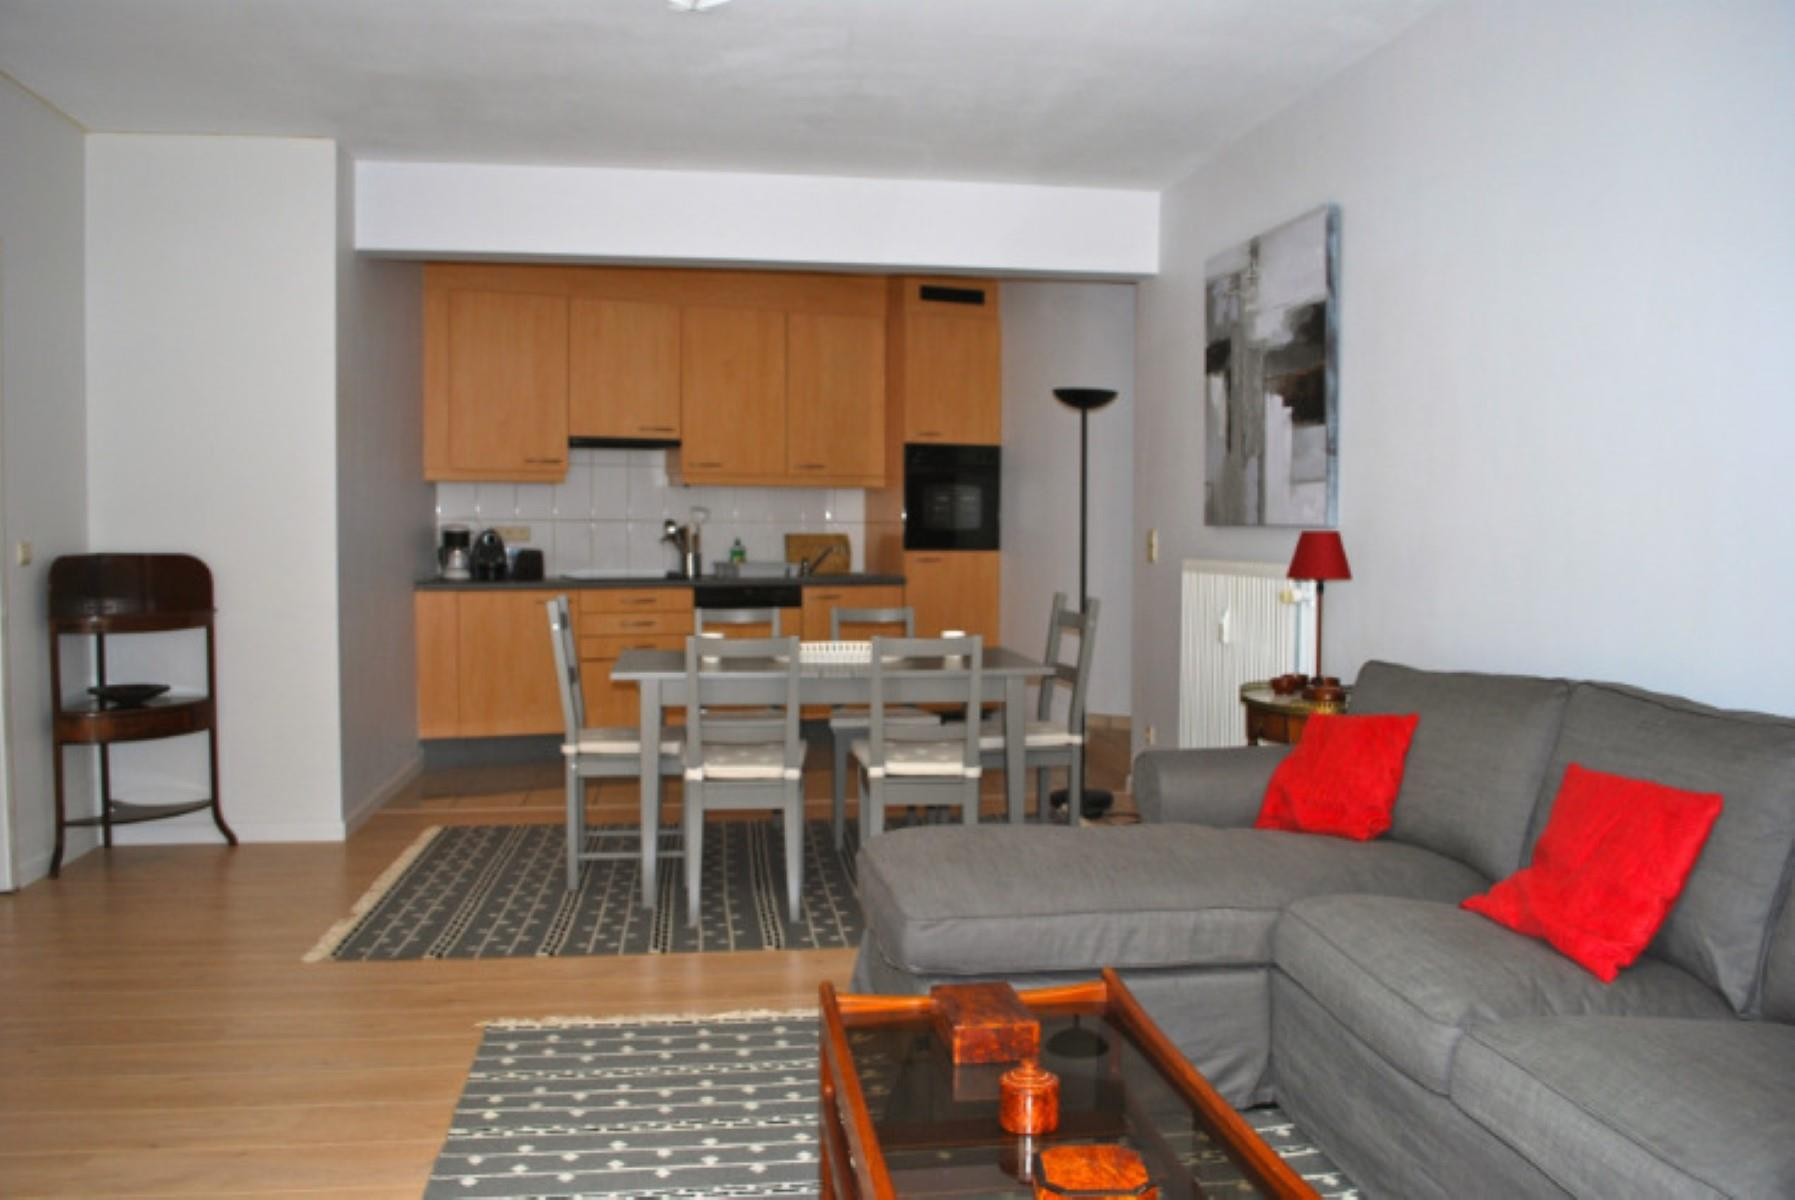 Appartement - Etterbeek - #4496097-1